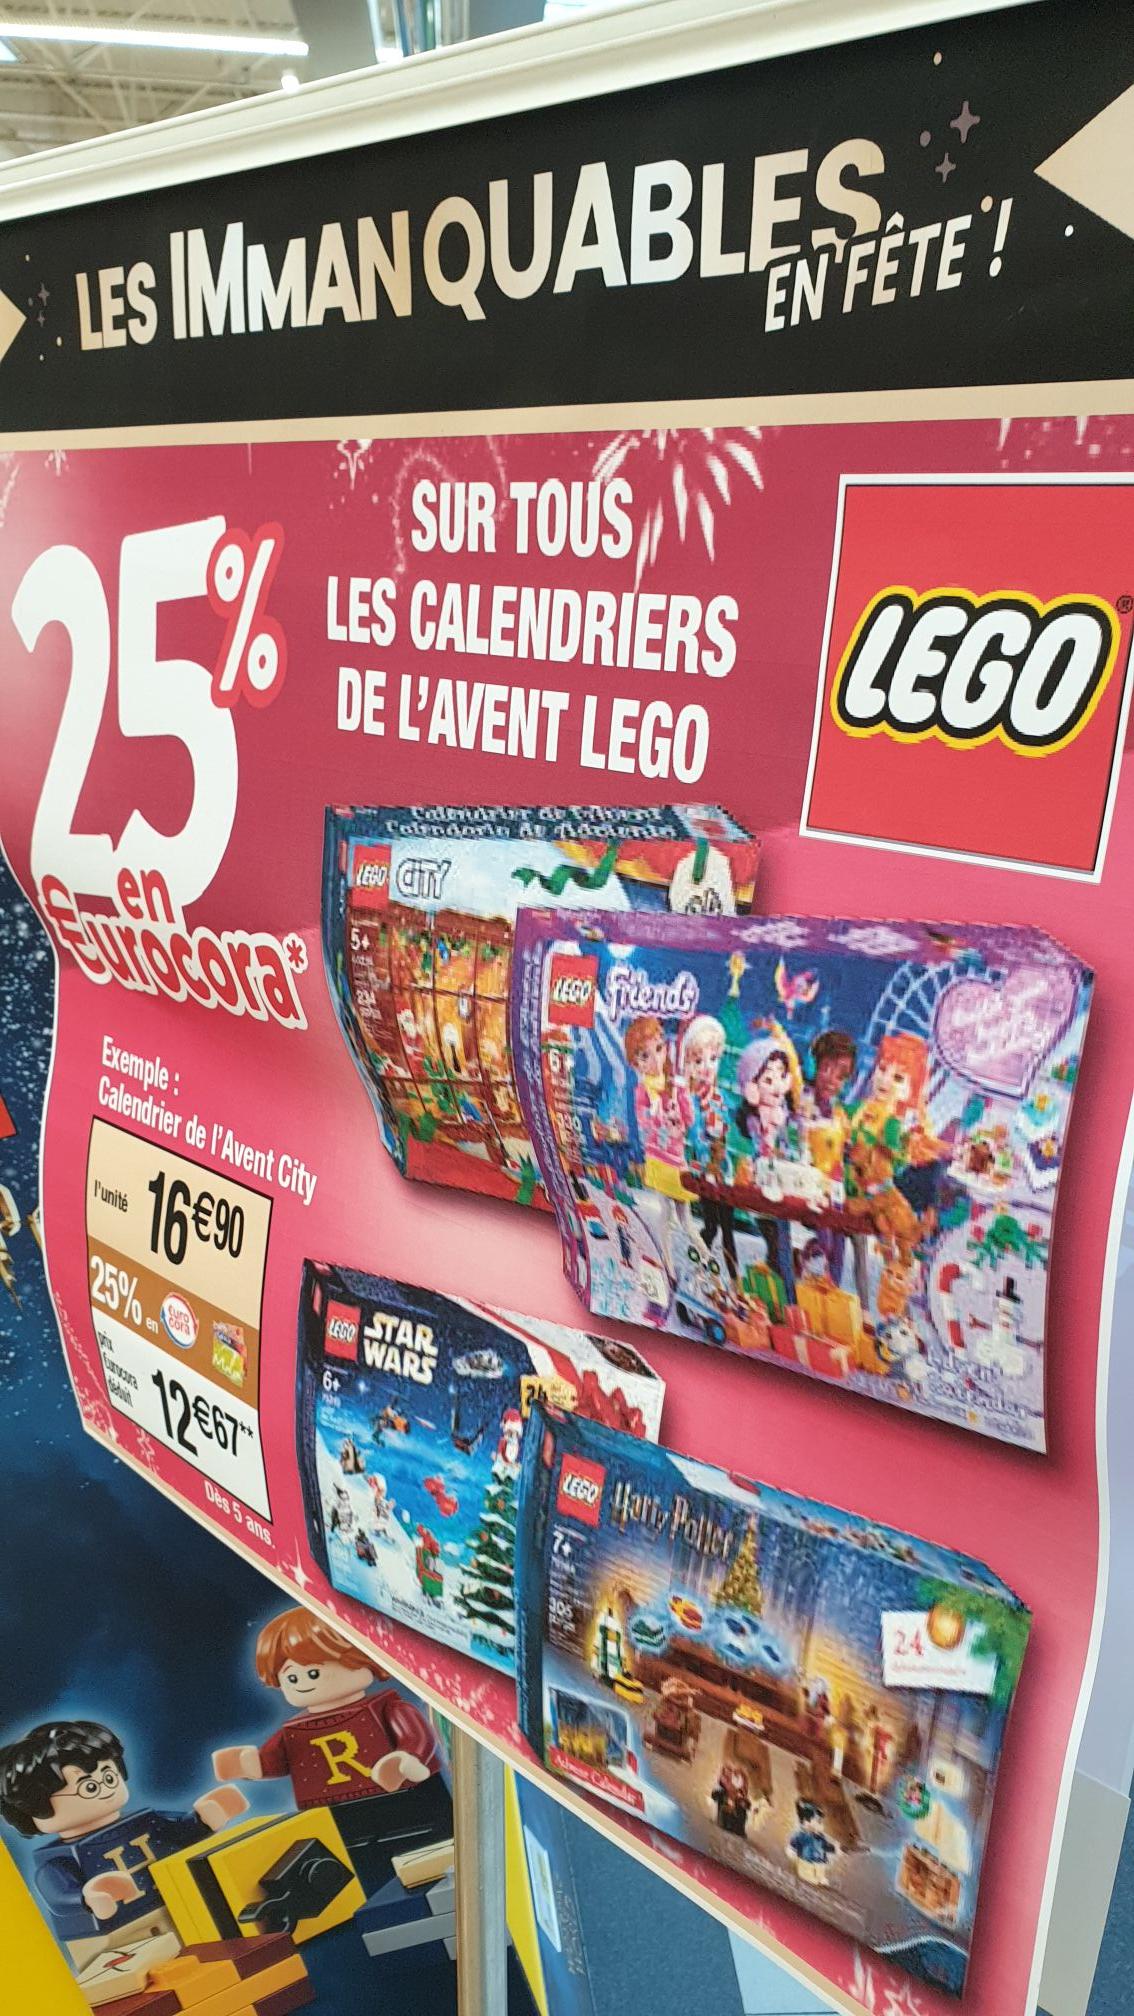 Calendrier de l'avent Lego (via 4.2€ sur la carte) - Houdemont (54)